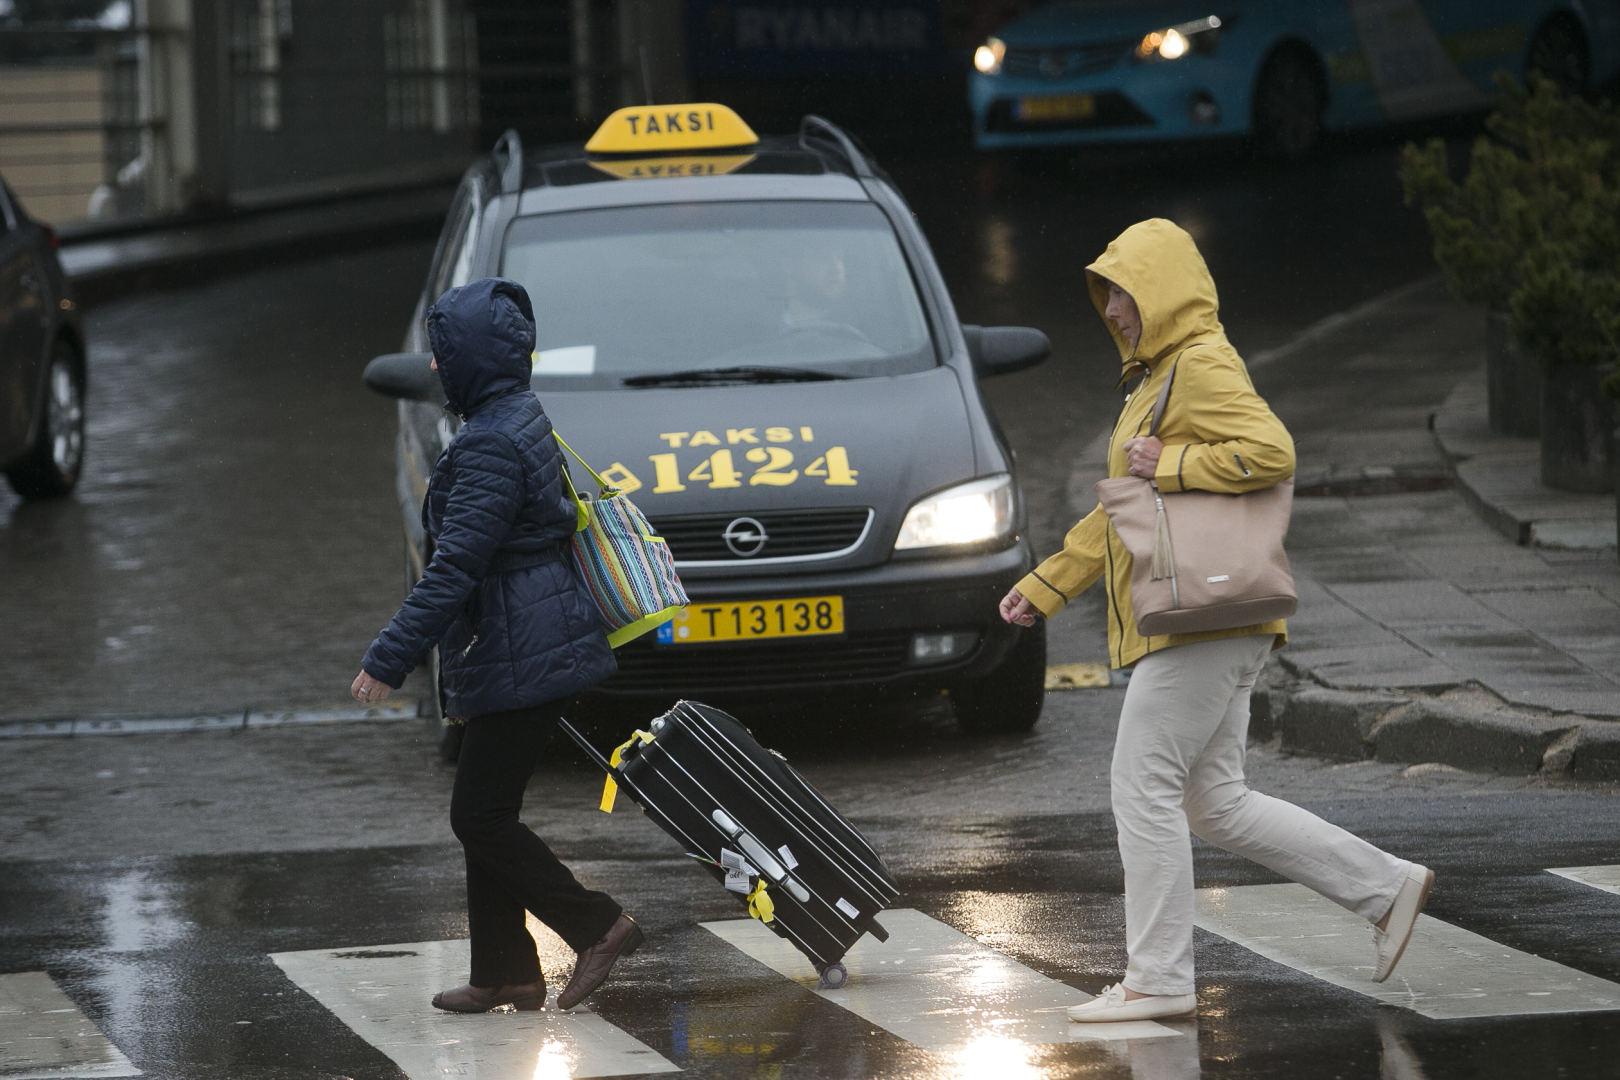 taksi-1424-5a1e76b567245.jpg